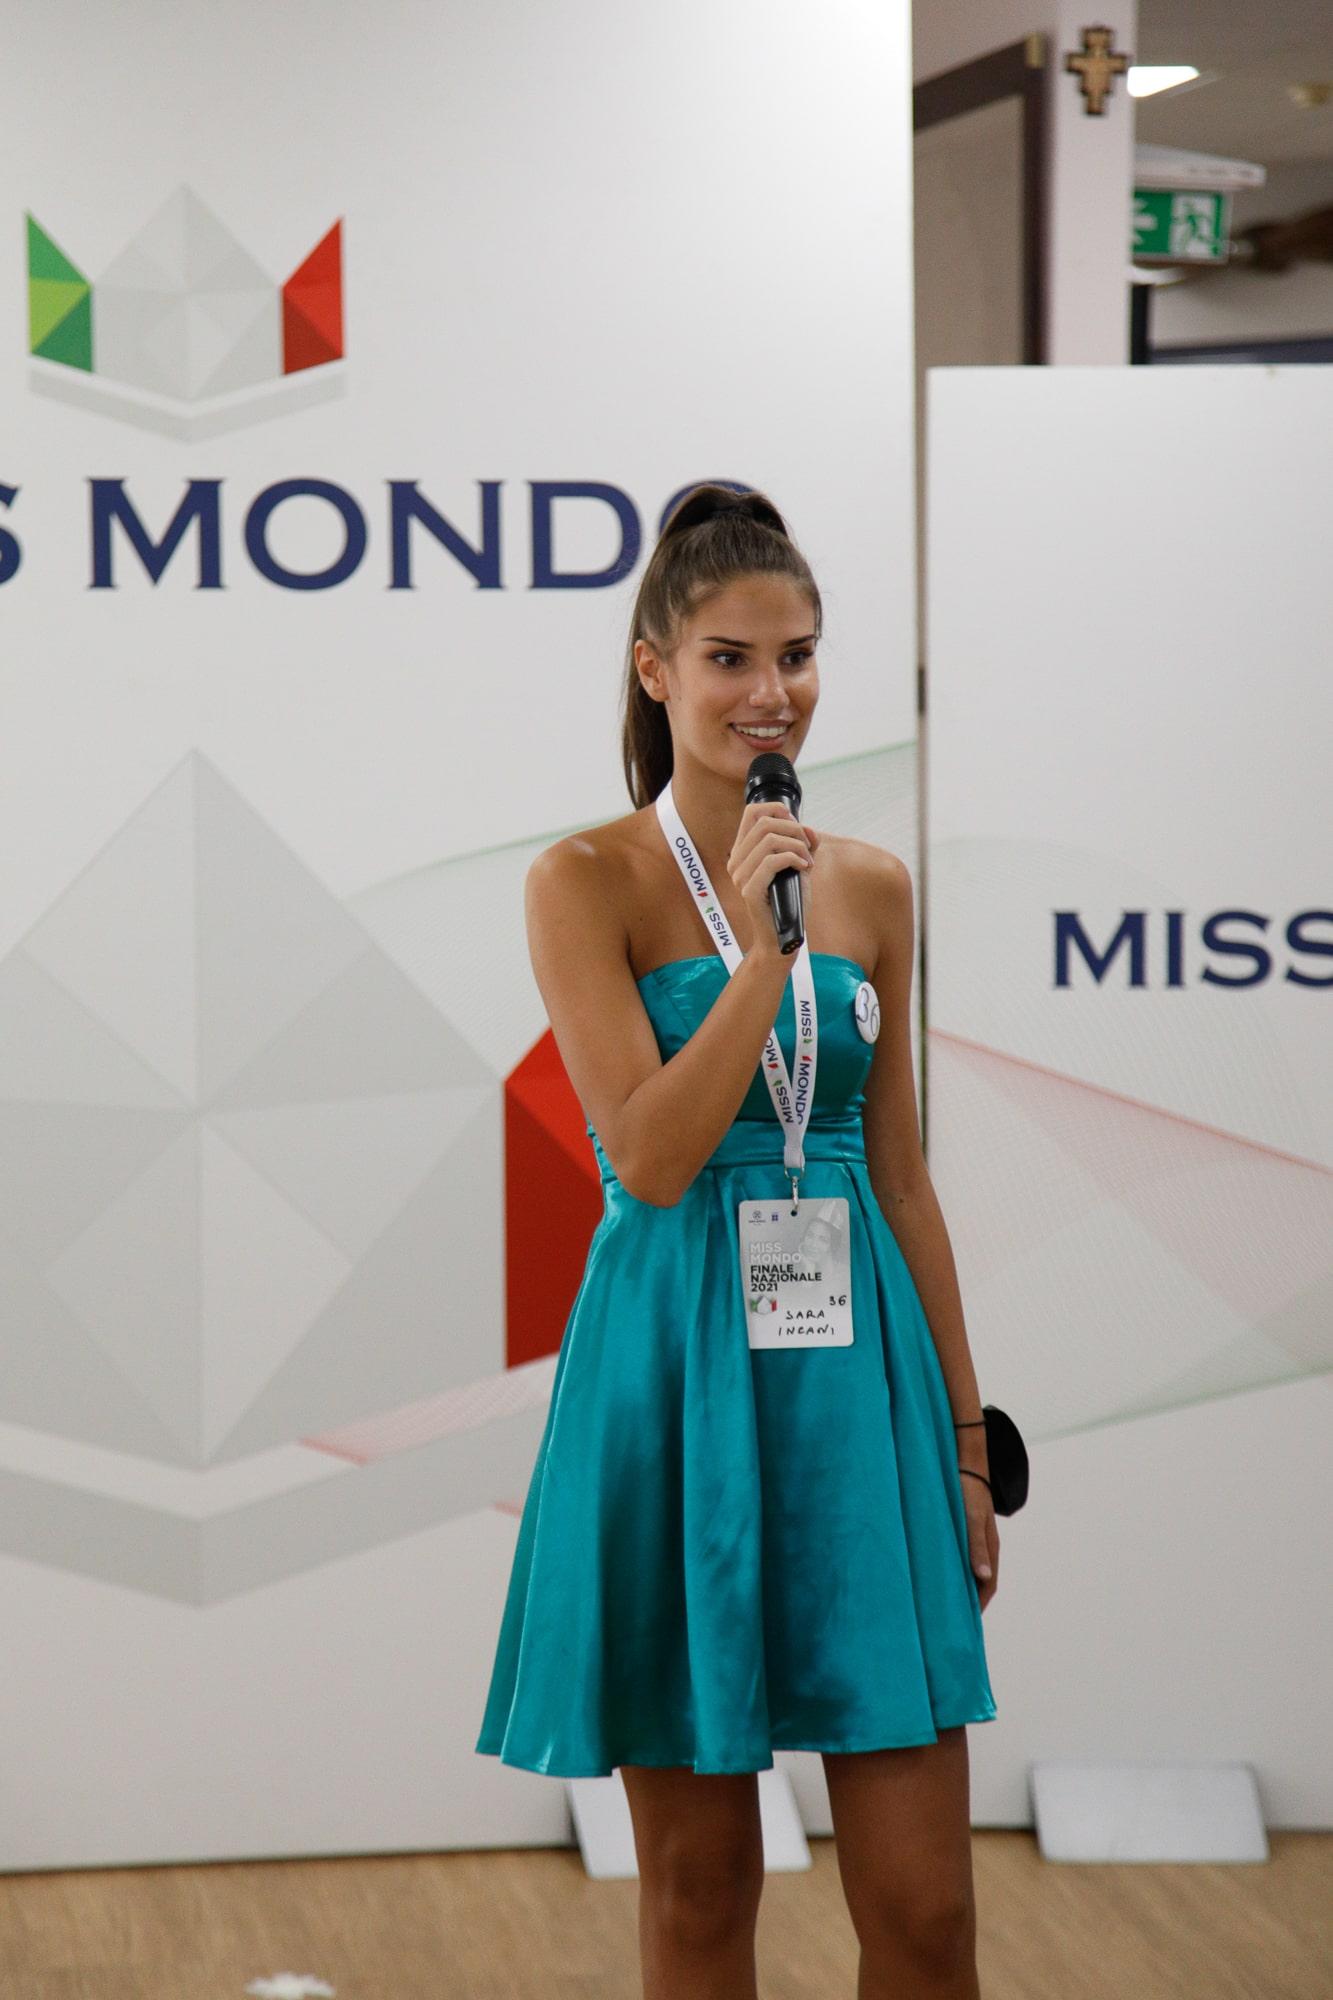 Finale nazione Miss Mondo Italia 2021 Audizione Talent 2 - 5